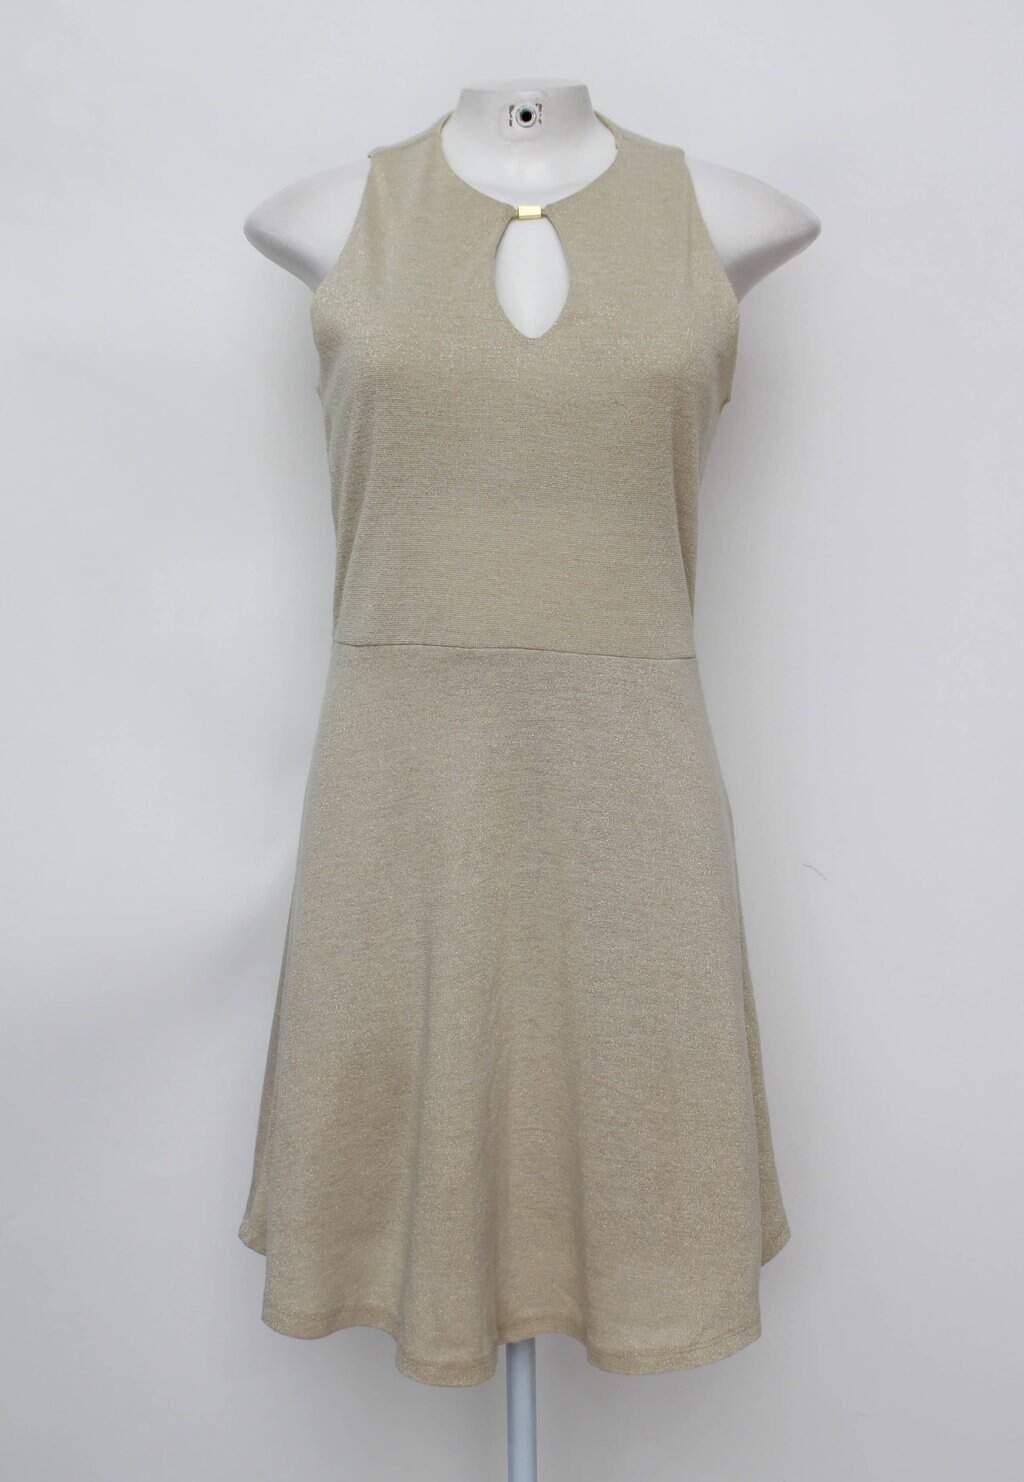 Vestido riachuelo feminino bege Com forro e fios metalizados